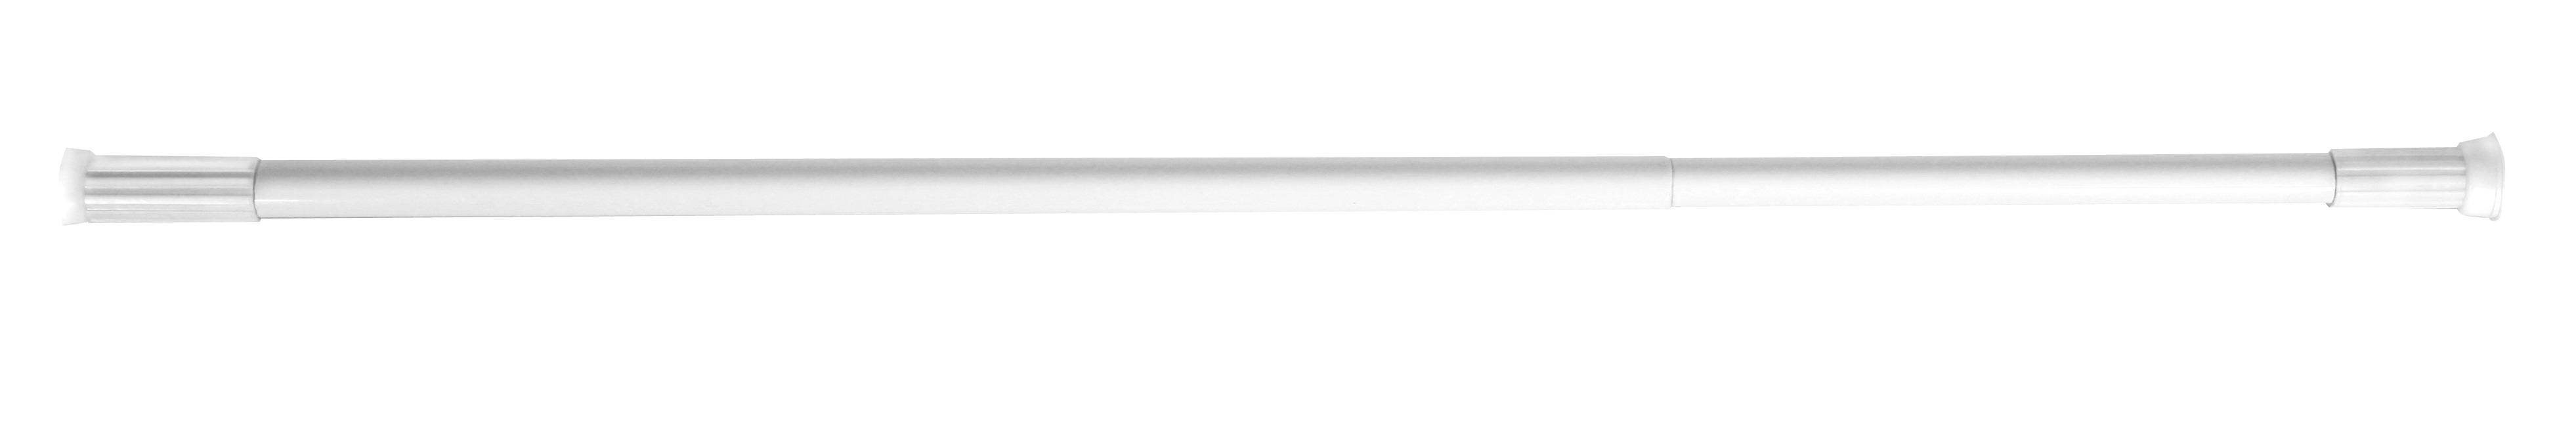 Tyč na sprchový závěs Olsen 140-260 bílá